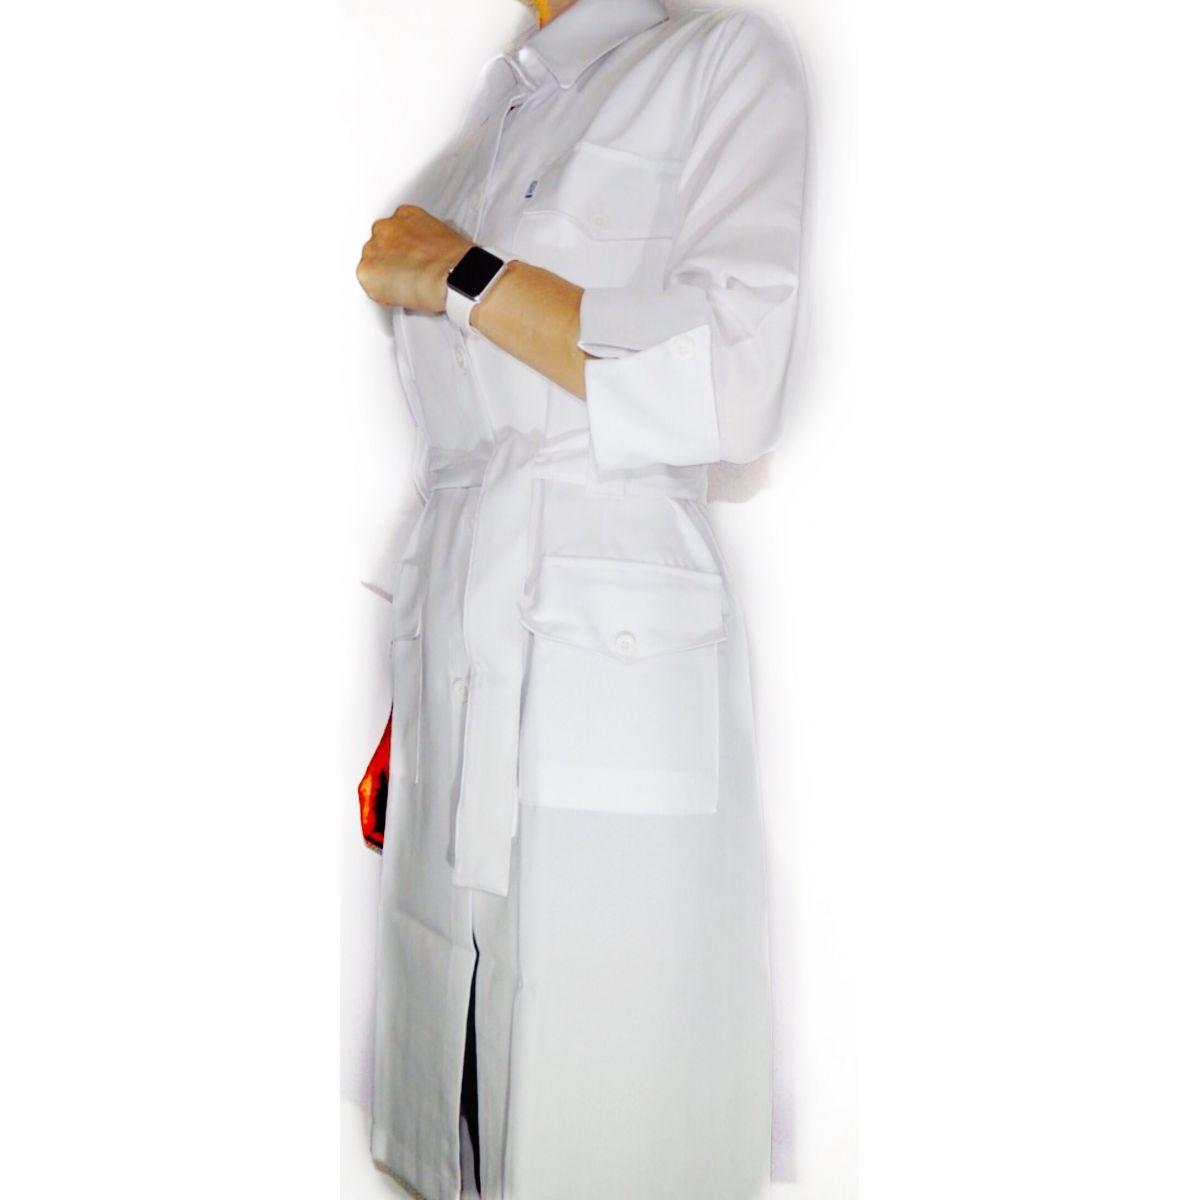 Jaleco Flávia  Feminino Trench Coat Manga ¾ Oxford 100% Poliéster